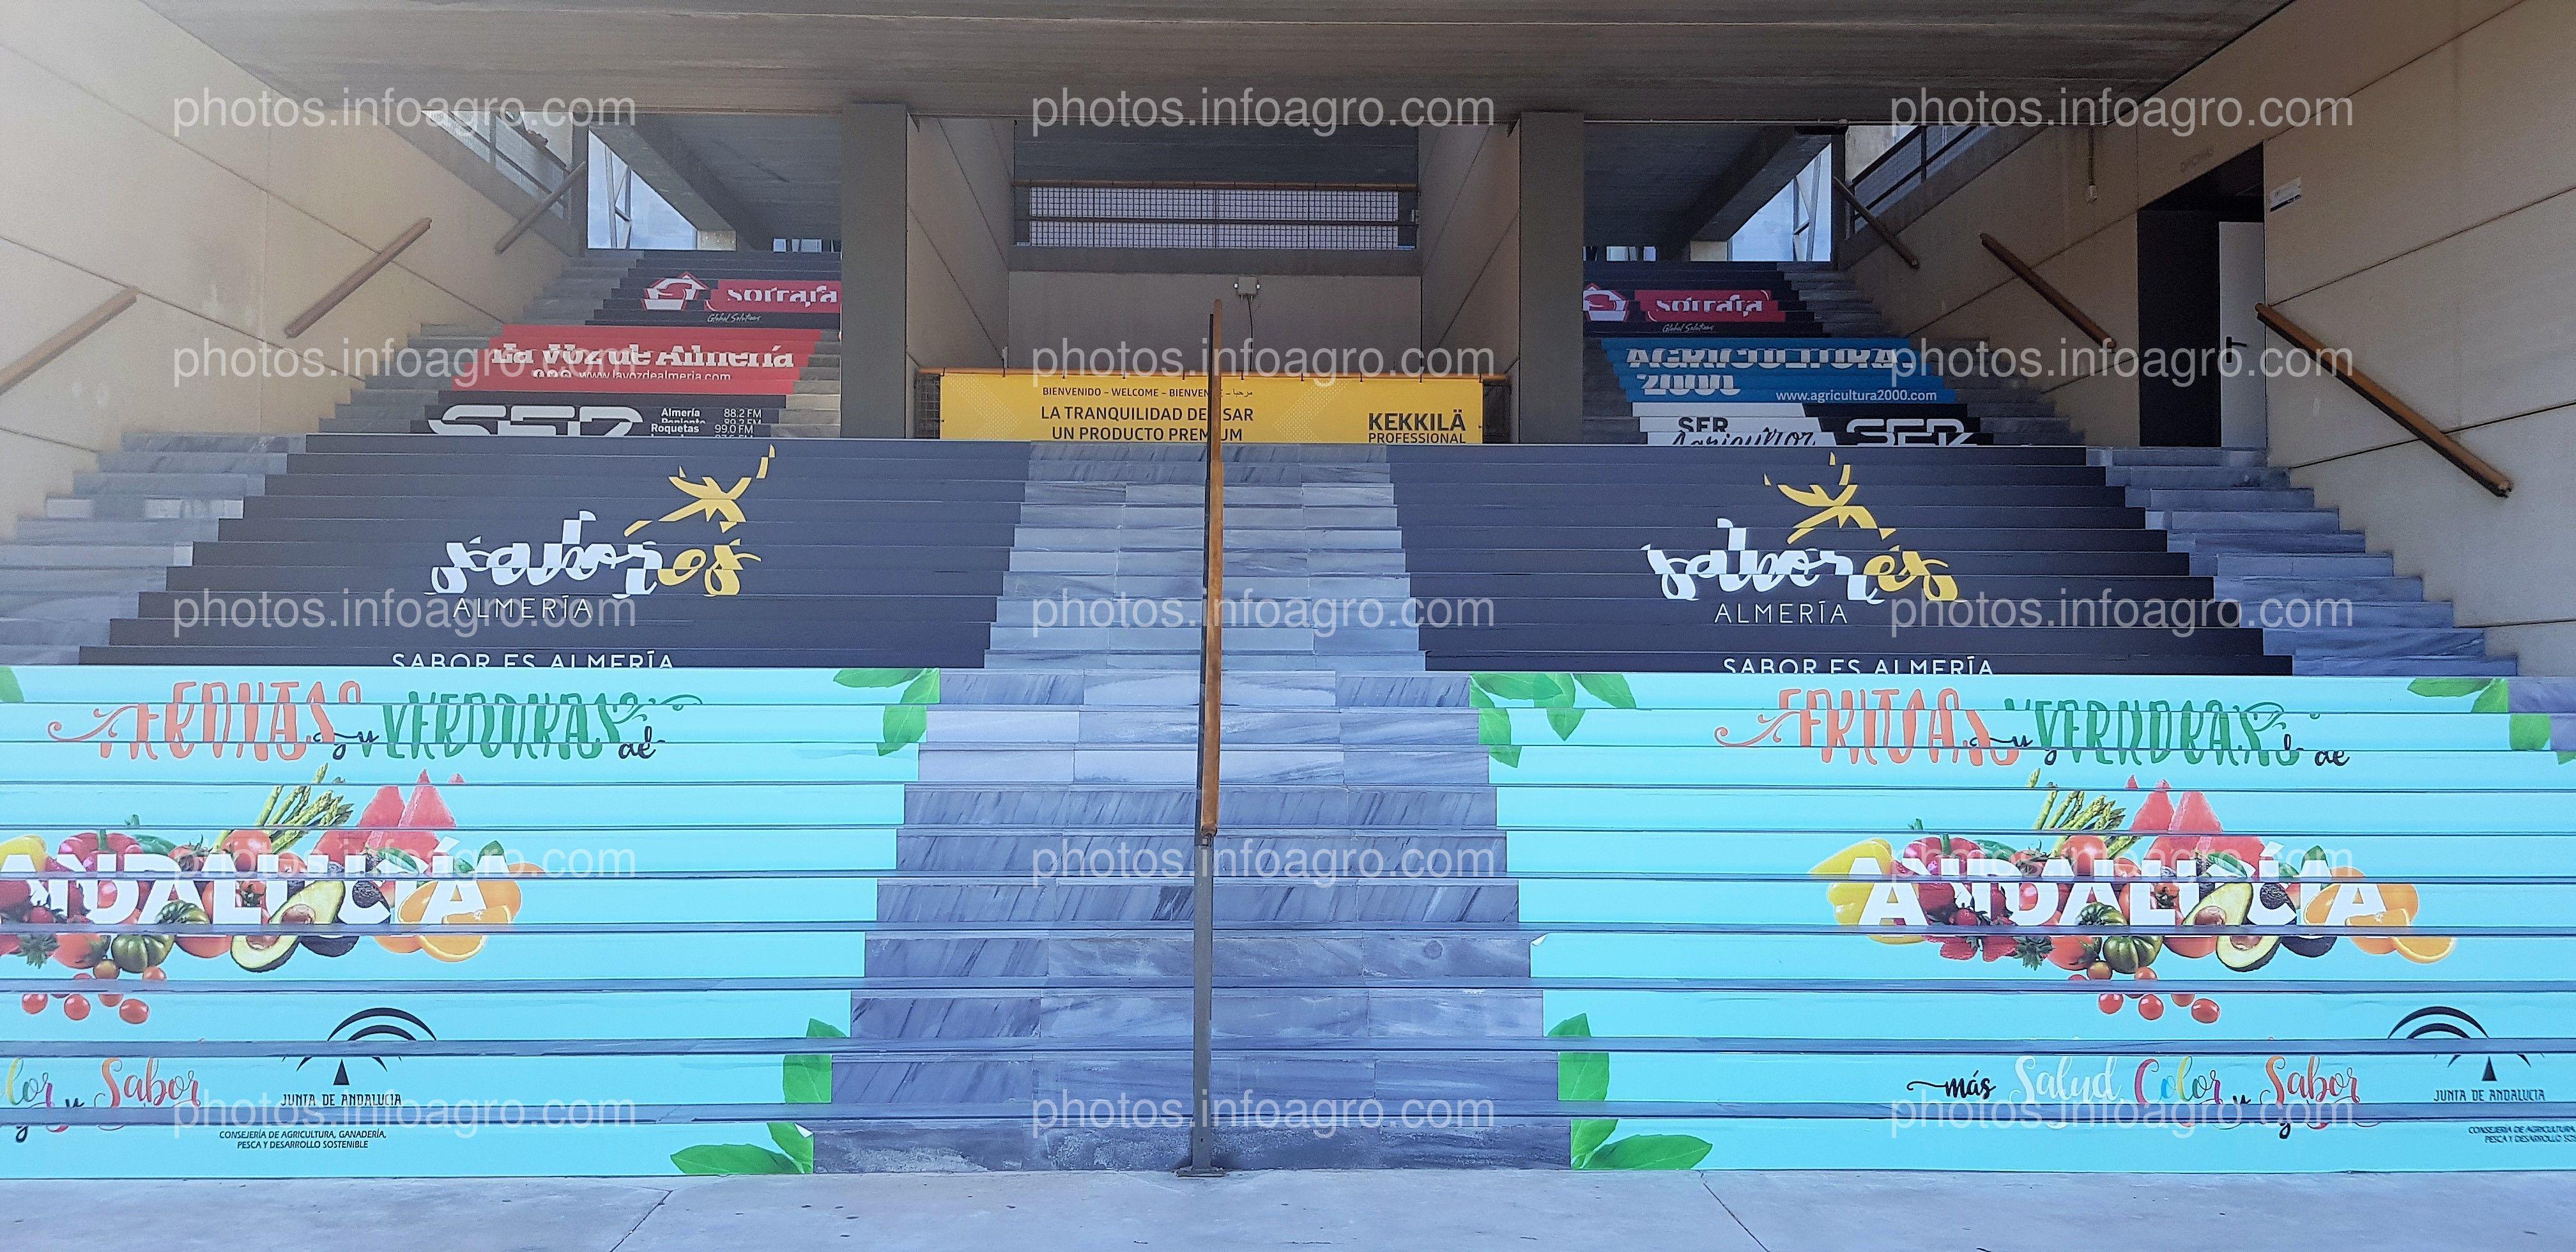 Escaleras exteriores. Junta de Andalucía, Sabores Almería, Cadena Ser, Sotrafa